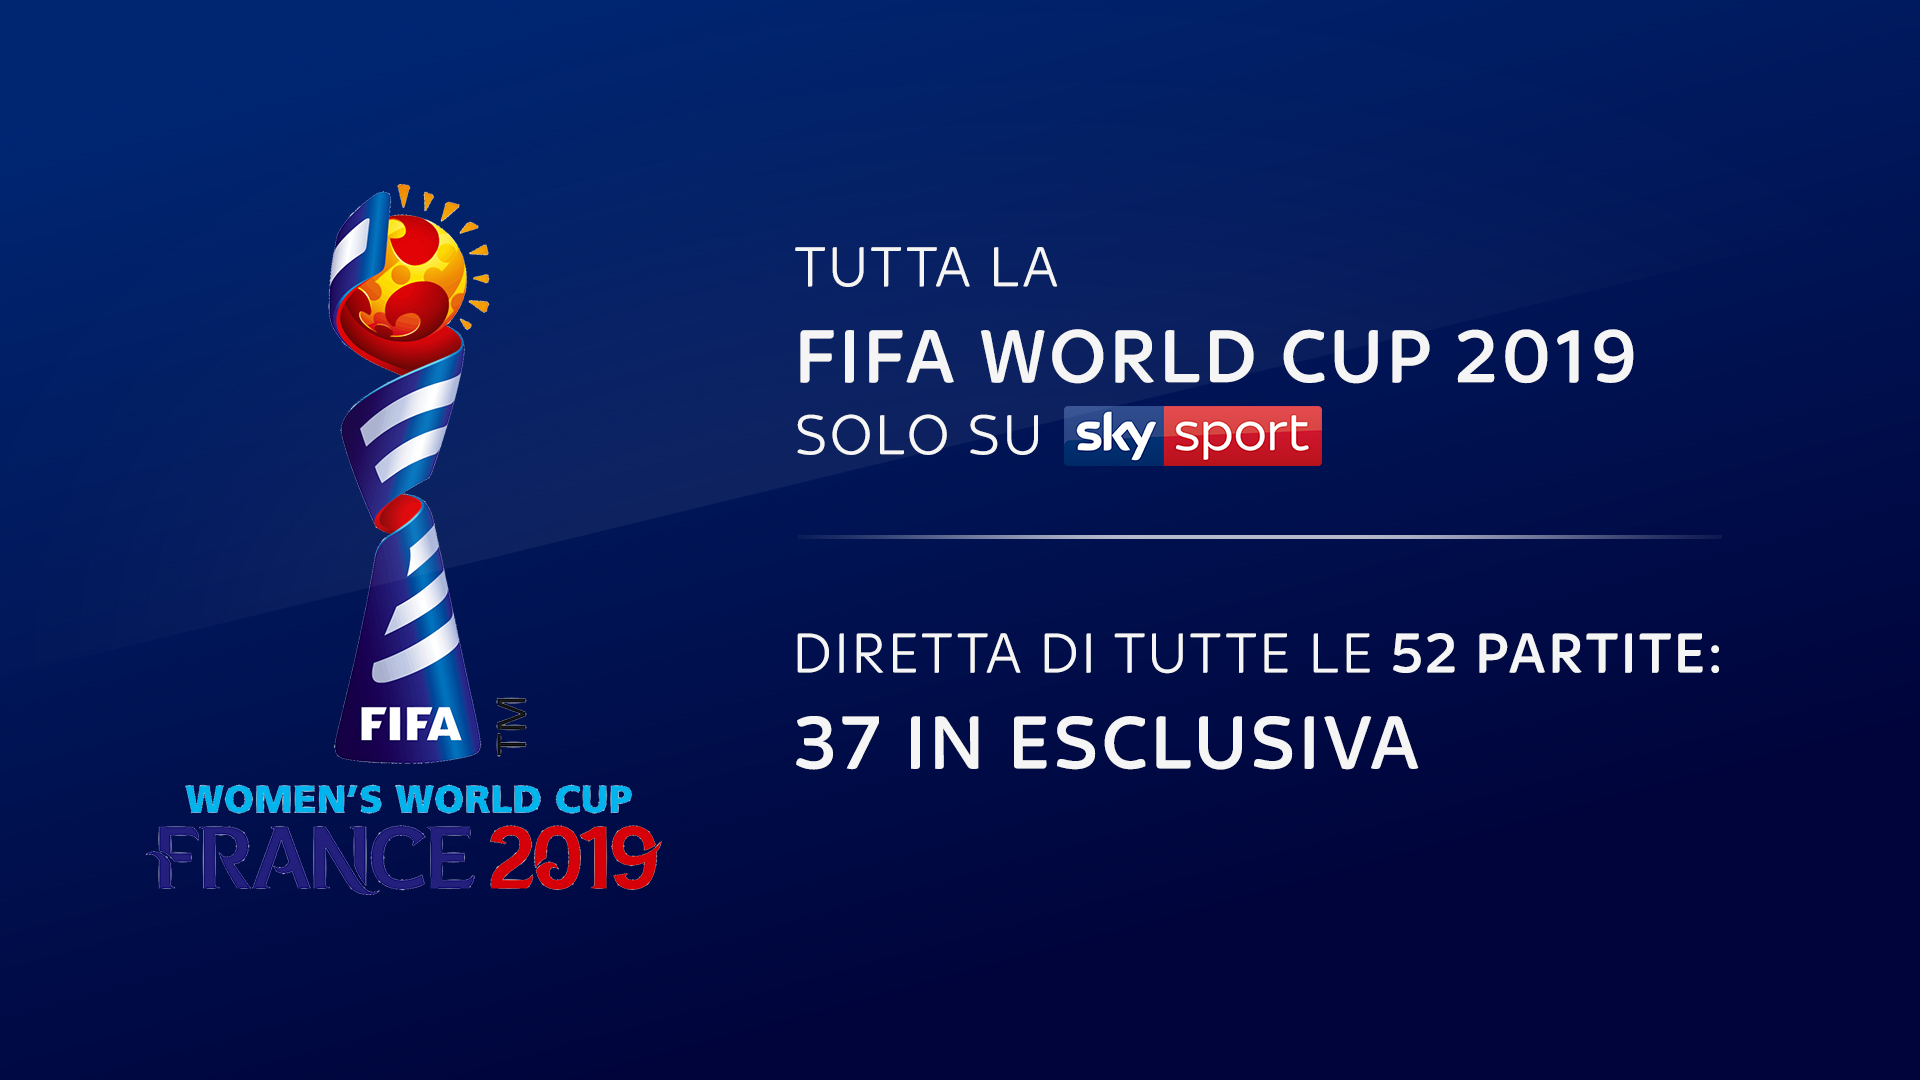 Calcio, tutta la FIFA World Cup Femminile Francia 2019 in diretta su Sky Sport